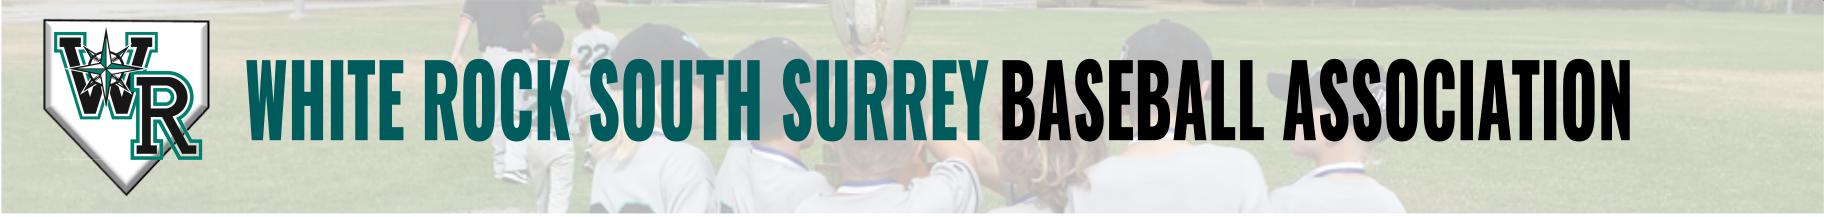 White Rock South Surrey Baseball